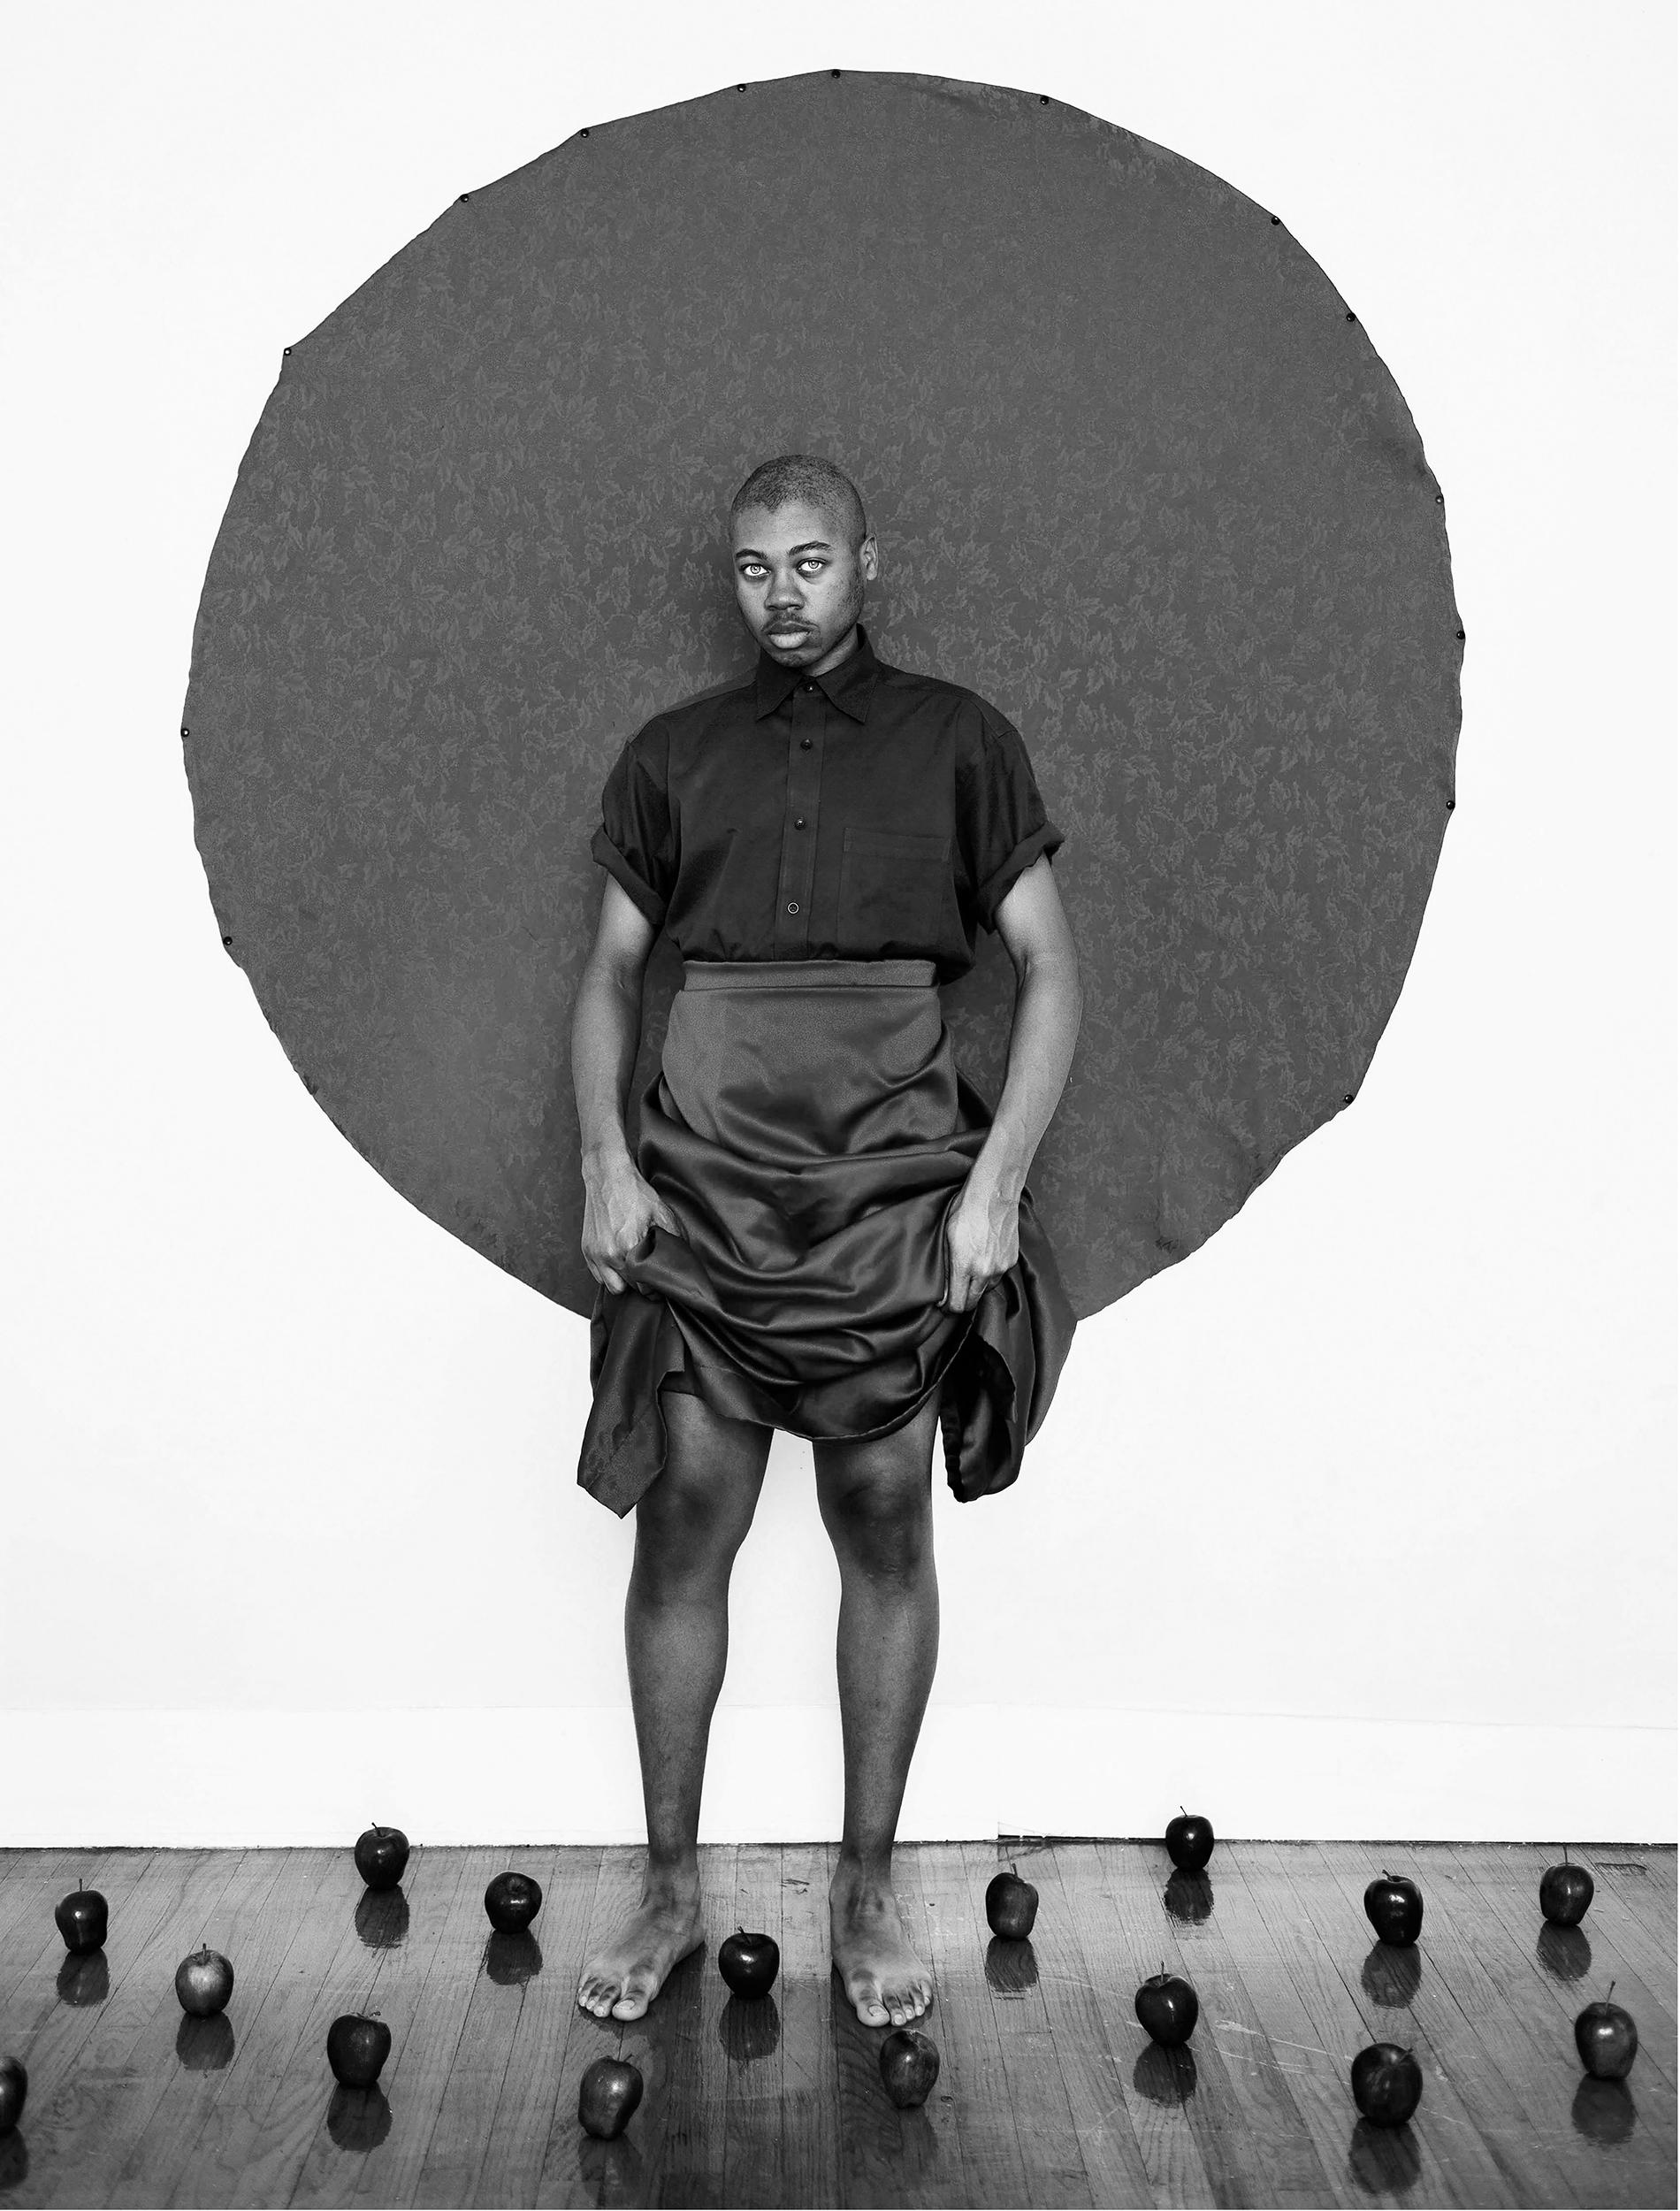 D'Angelo Lovell Williams